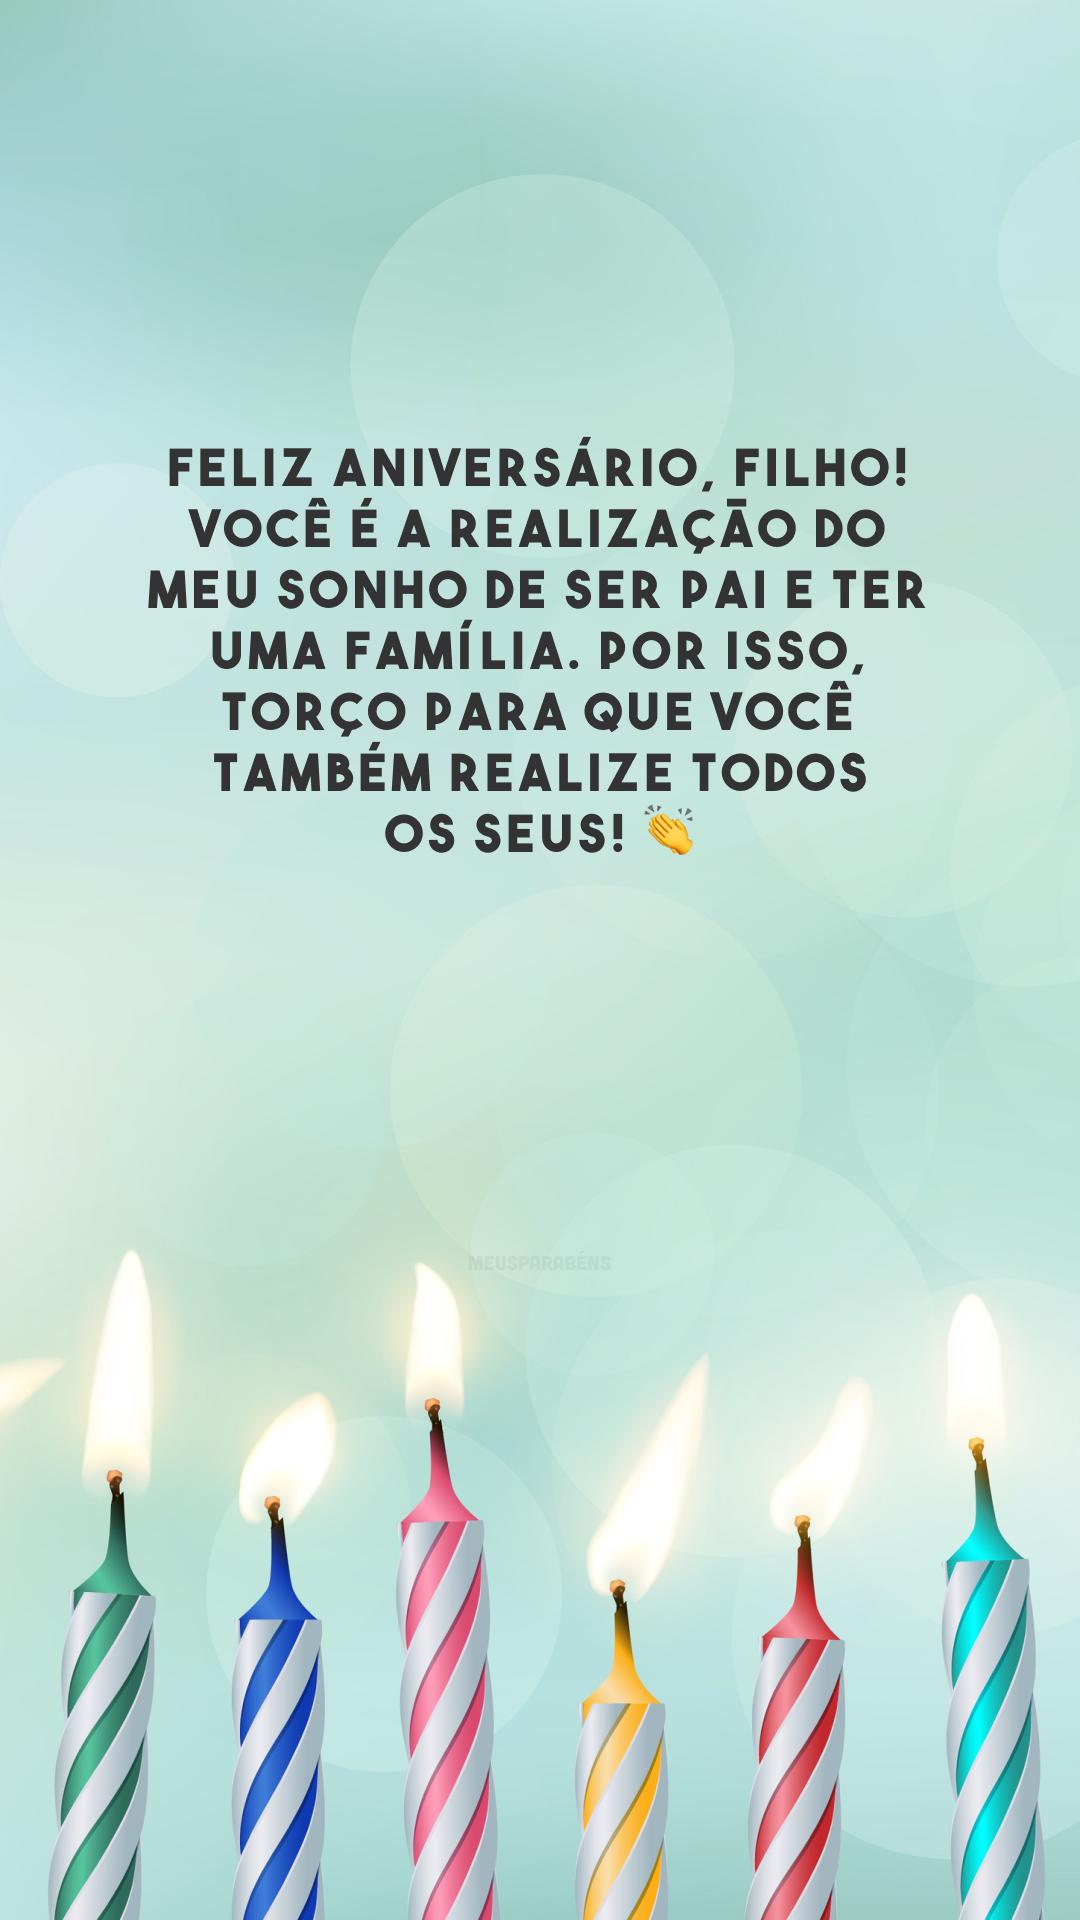 Feliz aniversário, filho! Você é a realização do meu sonho de ser pai e ter uma família. Por isso, torço para que você também realize todos os seus! 👏